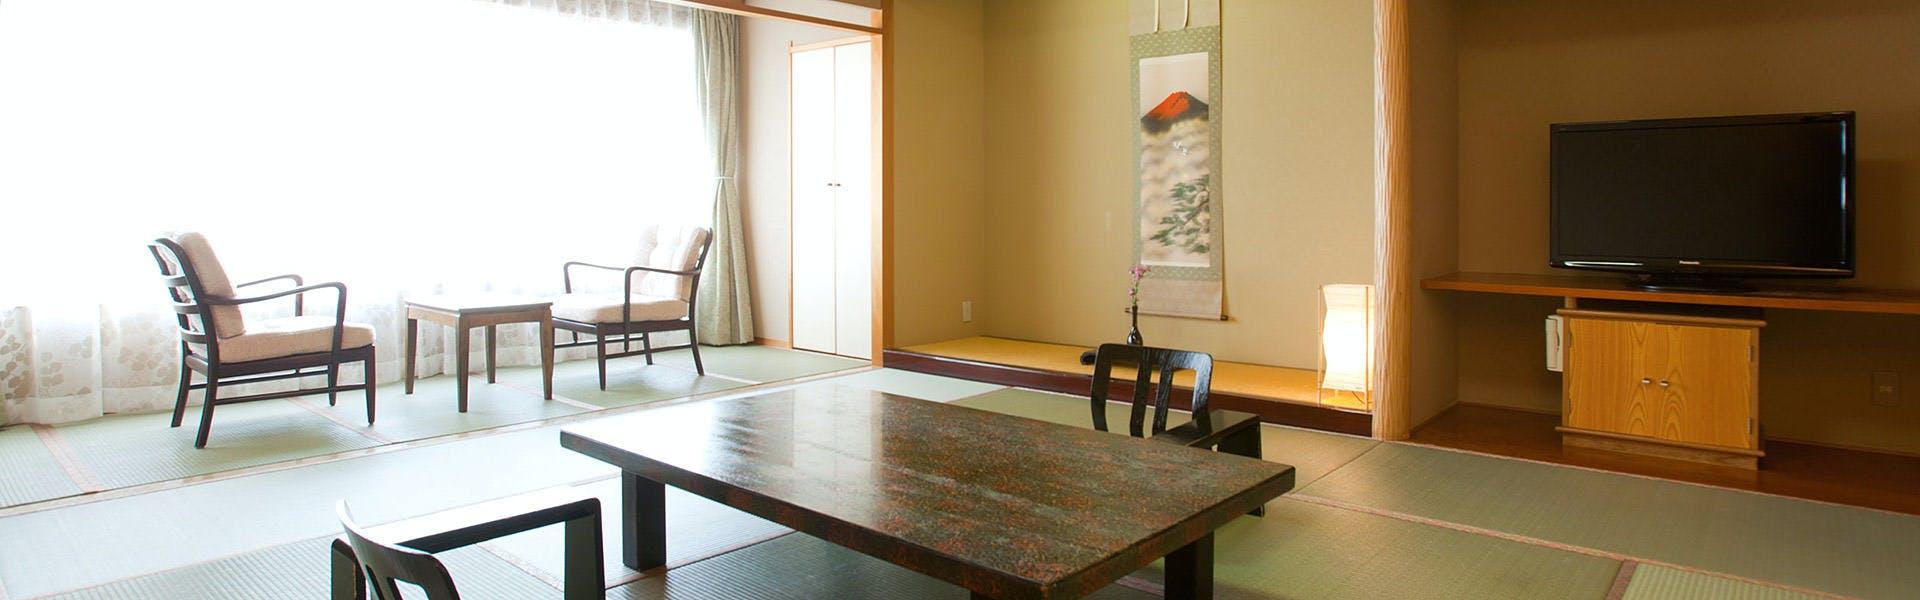 記念日におすすめのホテル・【司ロイヤルホテル】の写真3